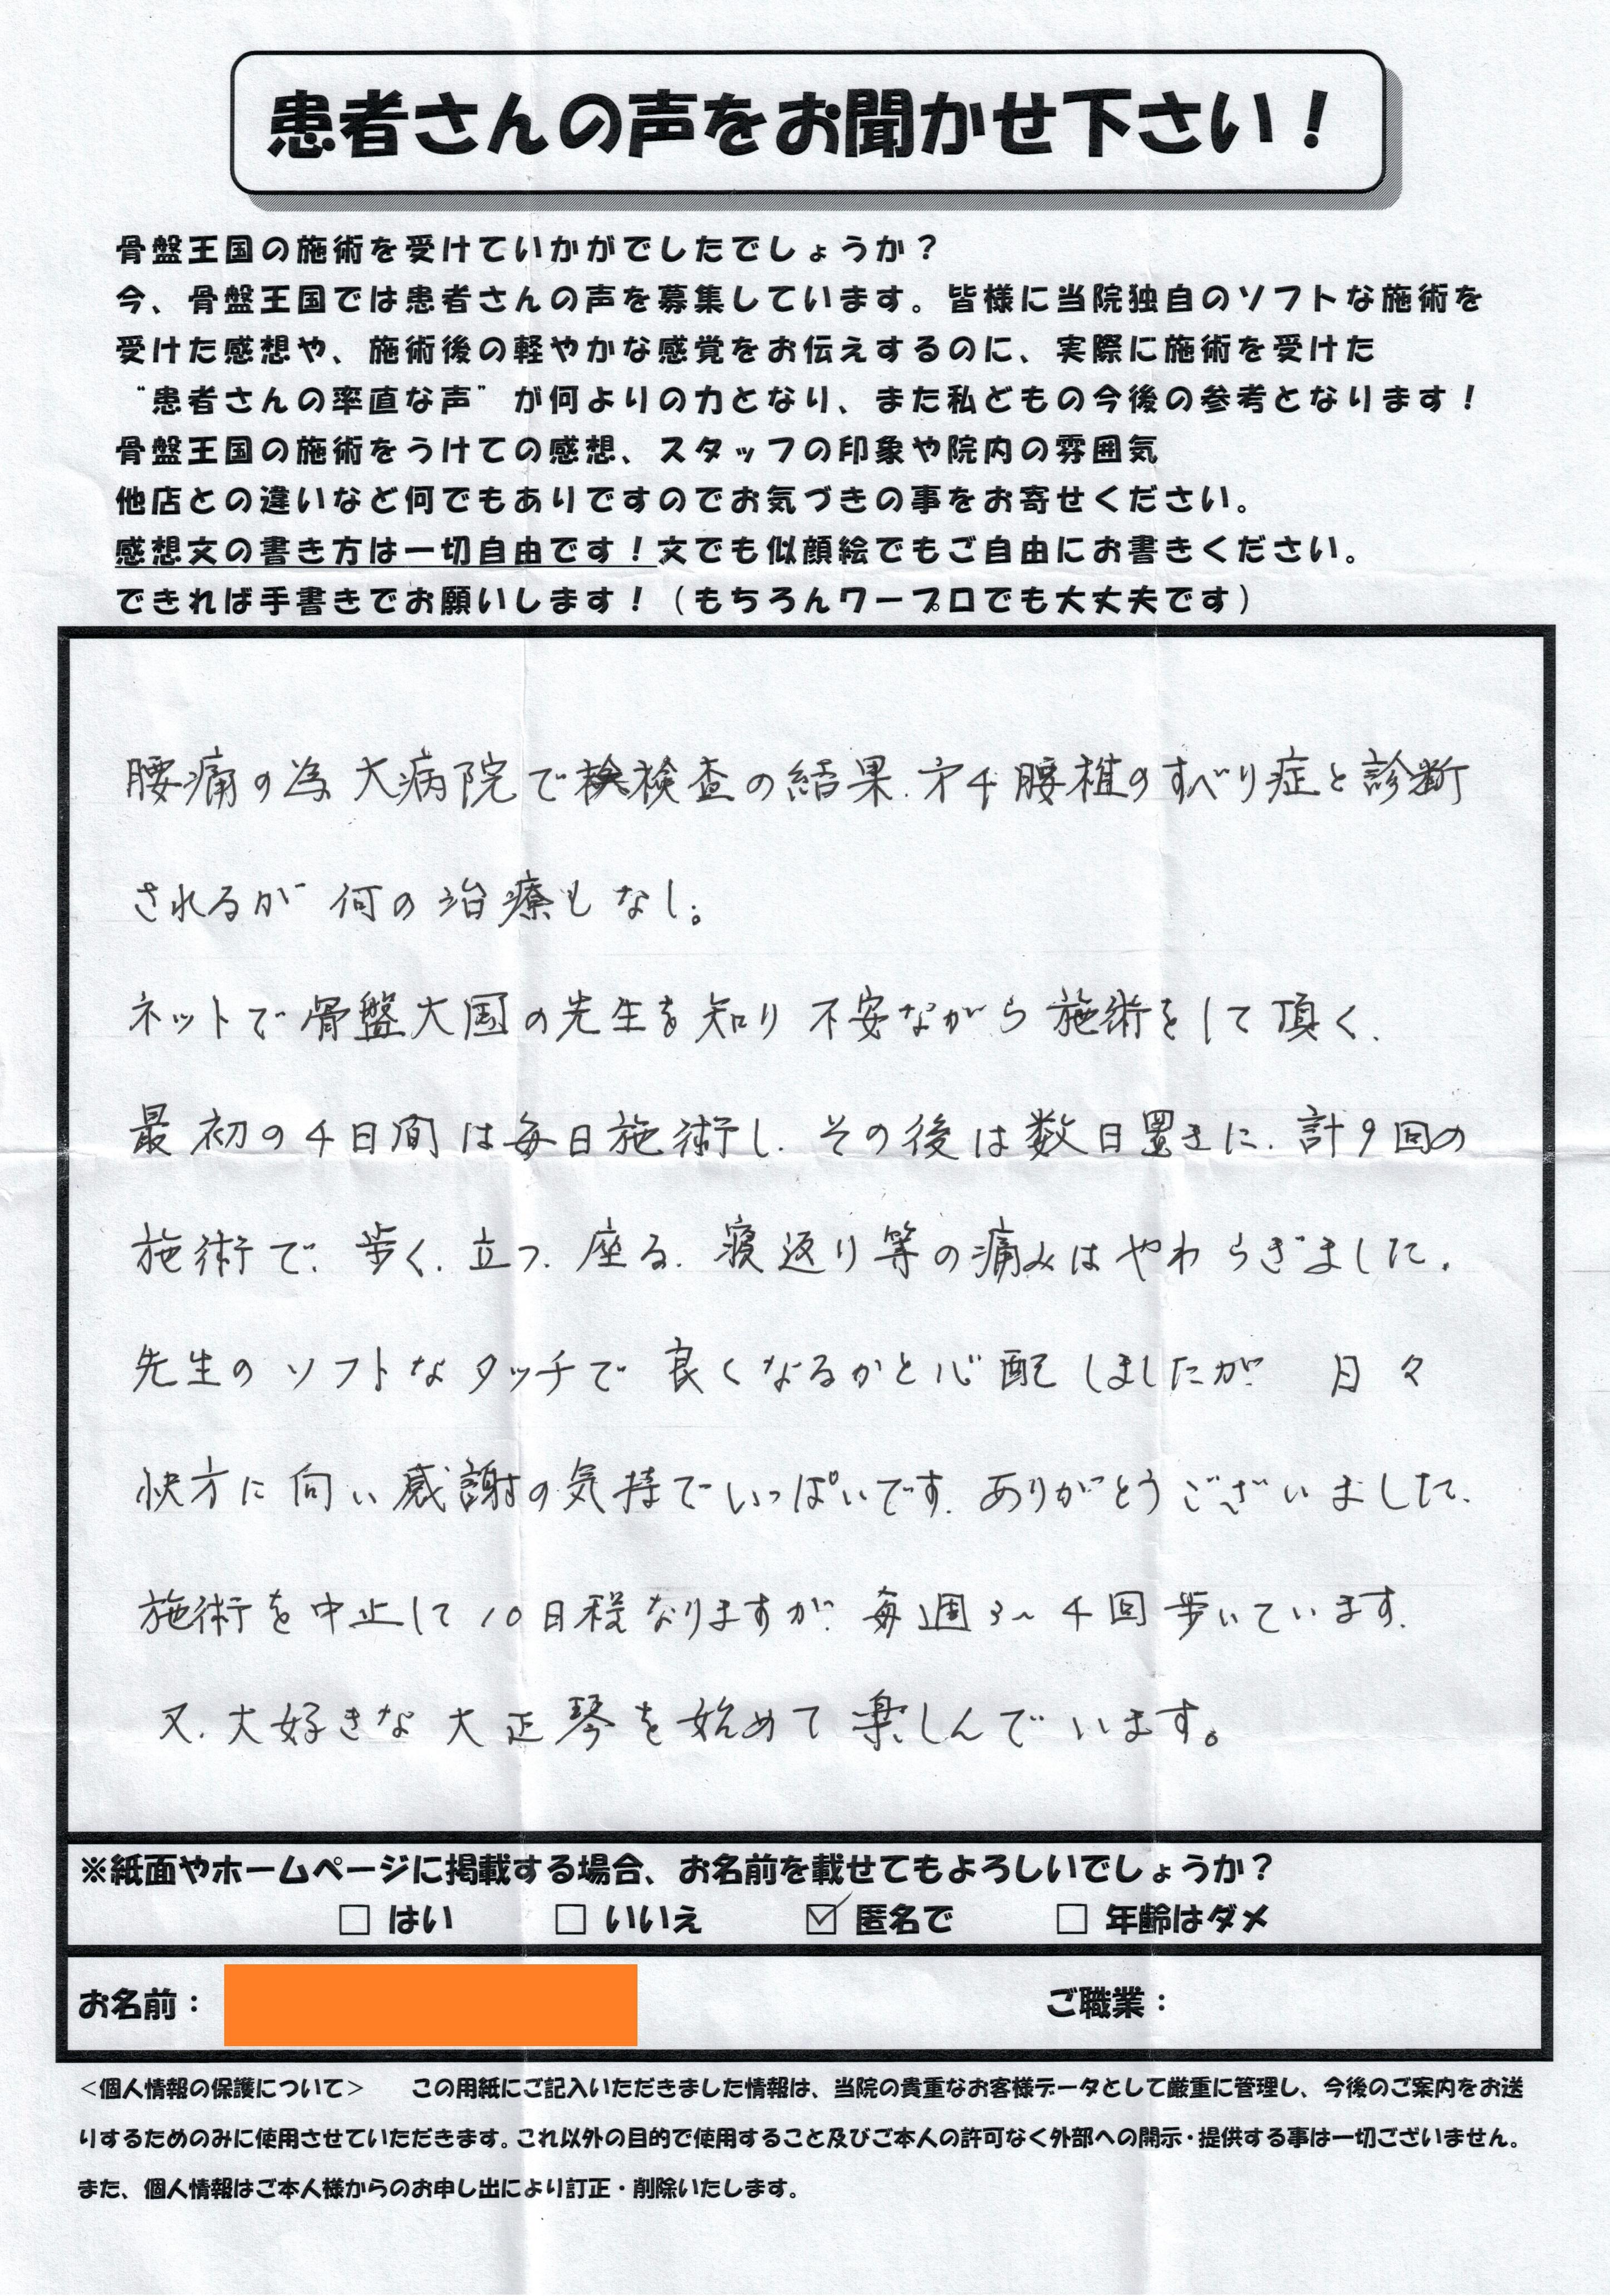 腰椎すべり症なら福岡の骨盤王国腰痛専門整骨院へ。ソフトなタッチで改善。大好きな大正琴を楽しめるようになりました。